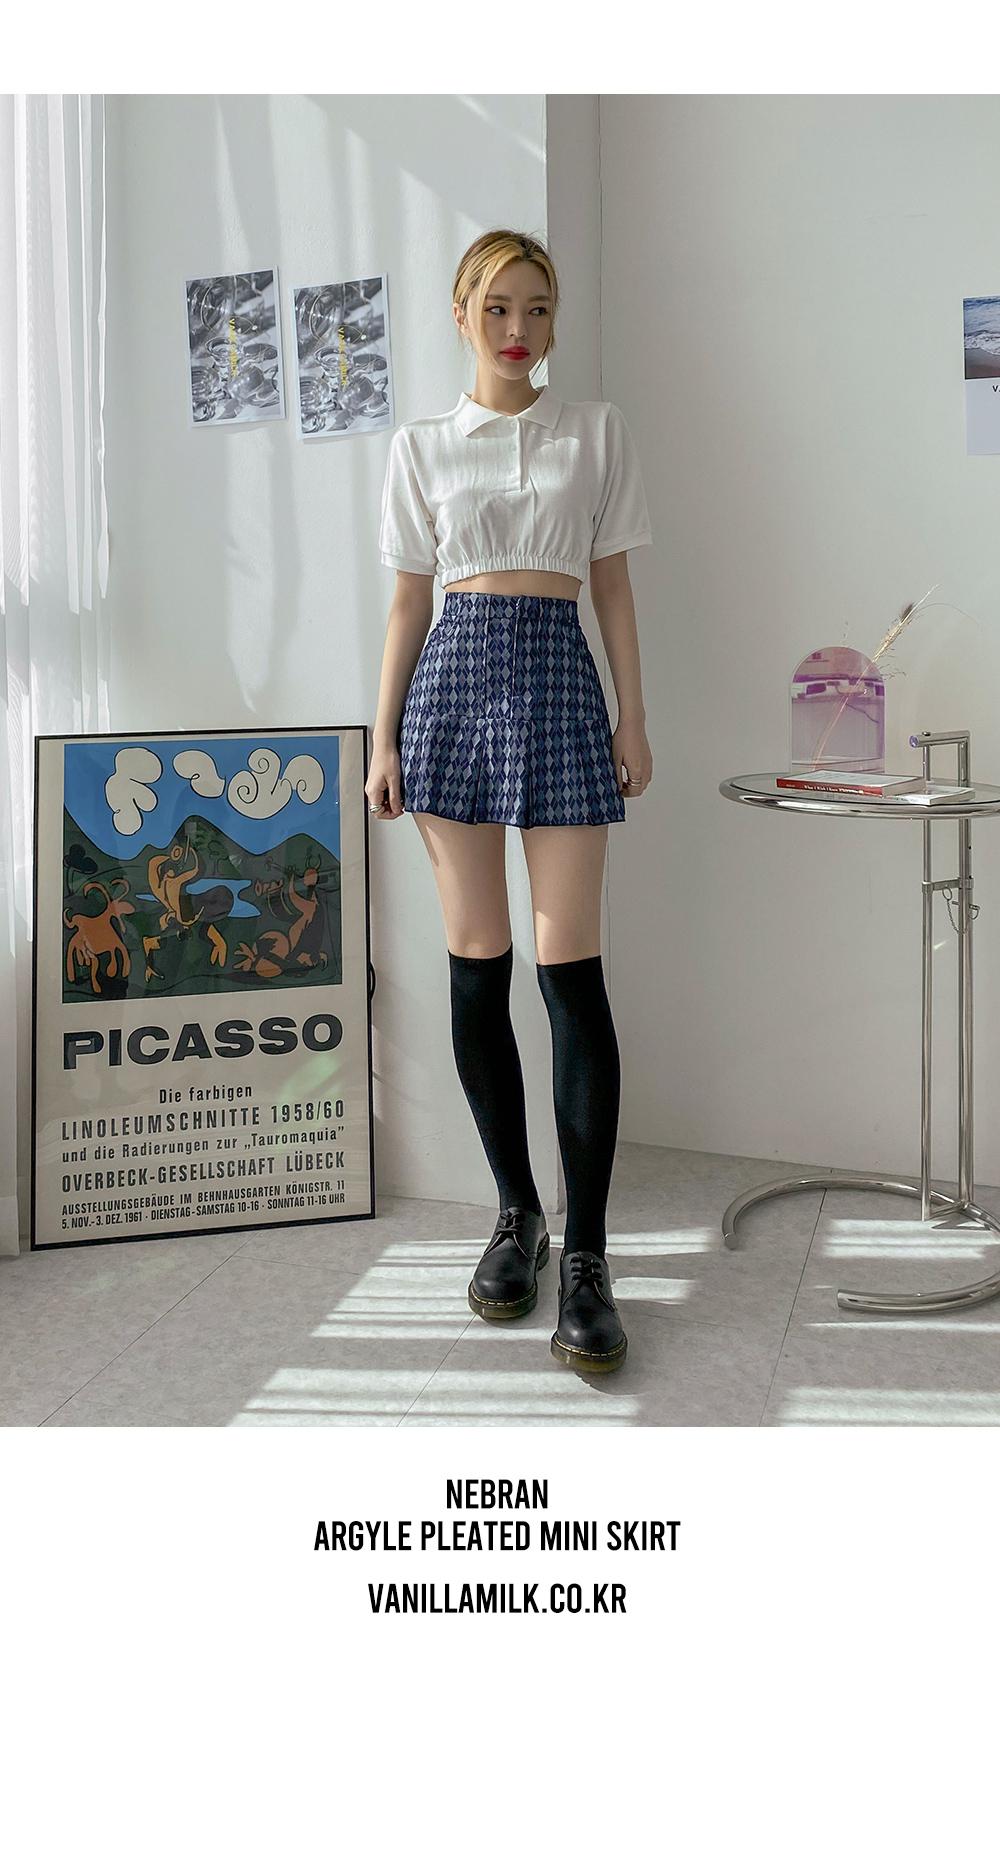 Nebran argyle pleated banding mini skirt